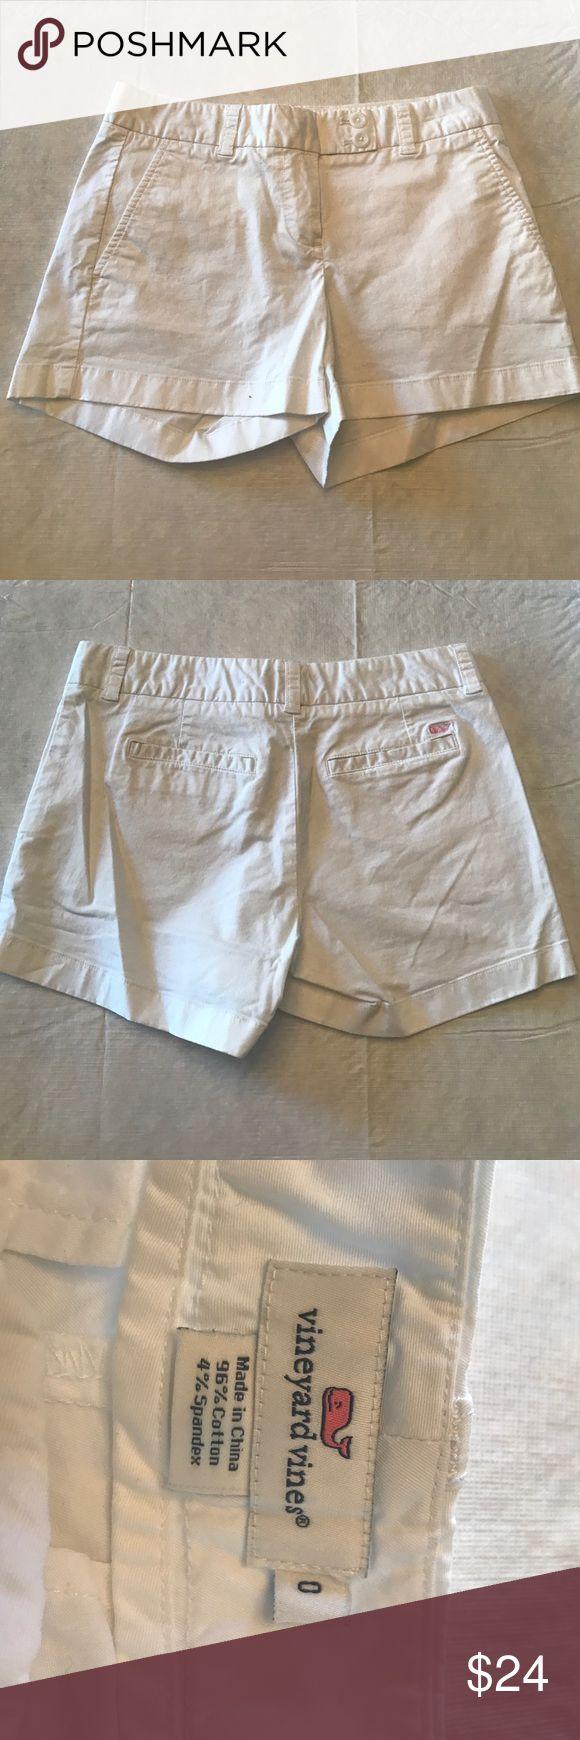 Vineyard Vines shorts Vineyard Vines shorts size 0.      Box 7 Vineyard Vines Shorts